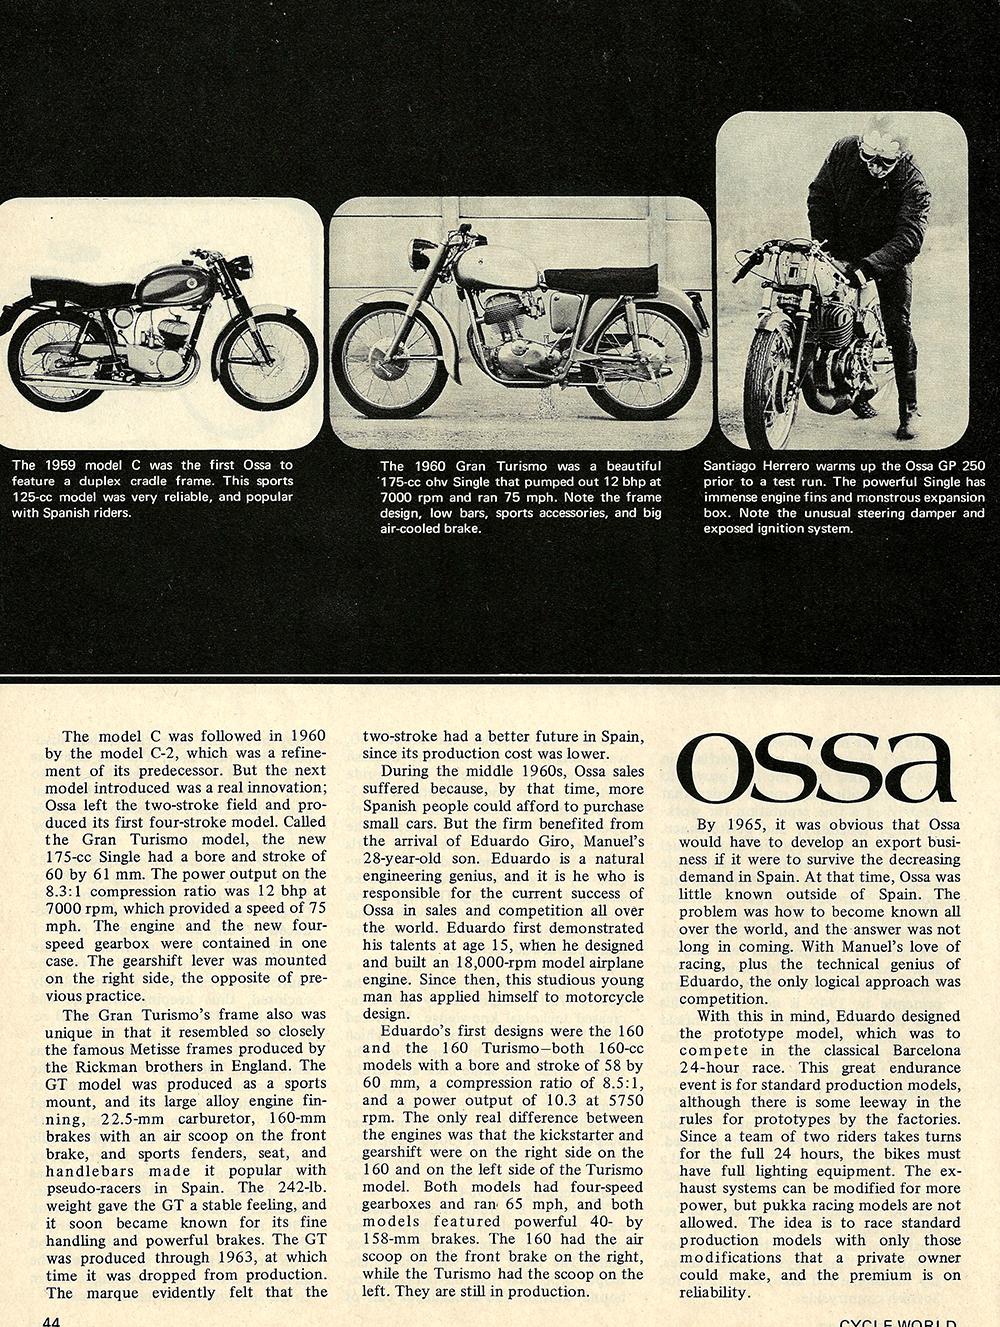 History of Ossa 03.jpg